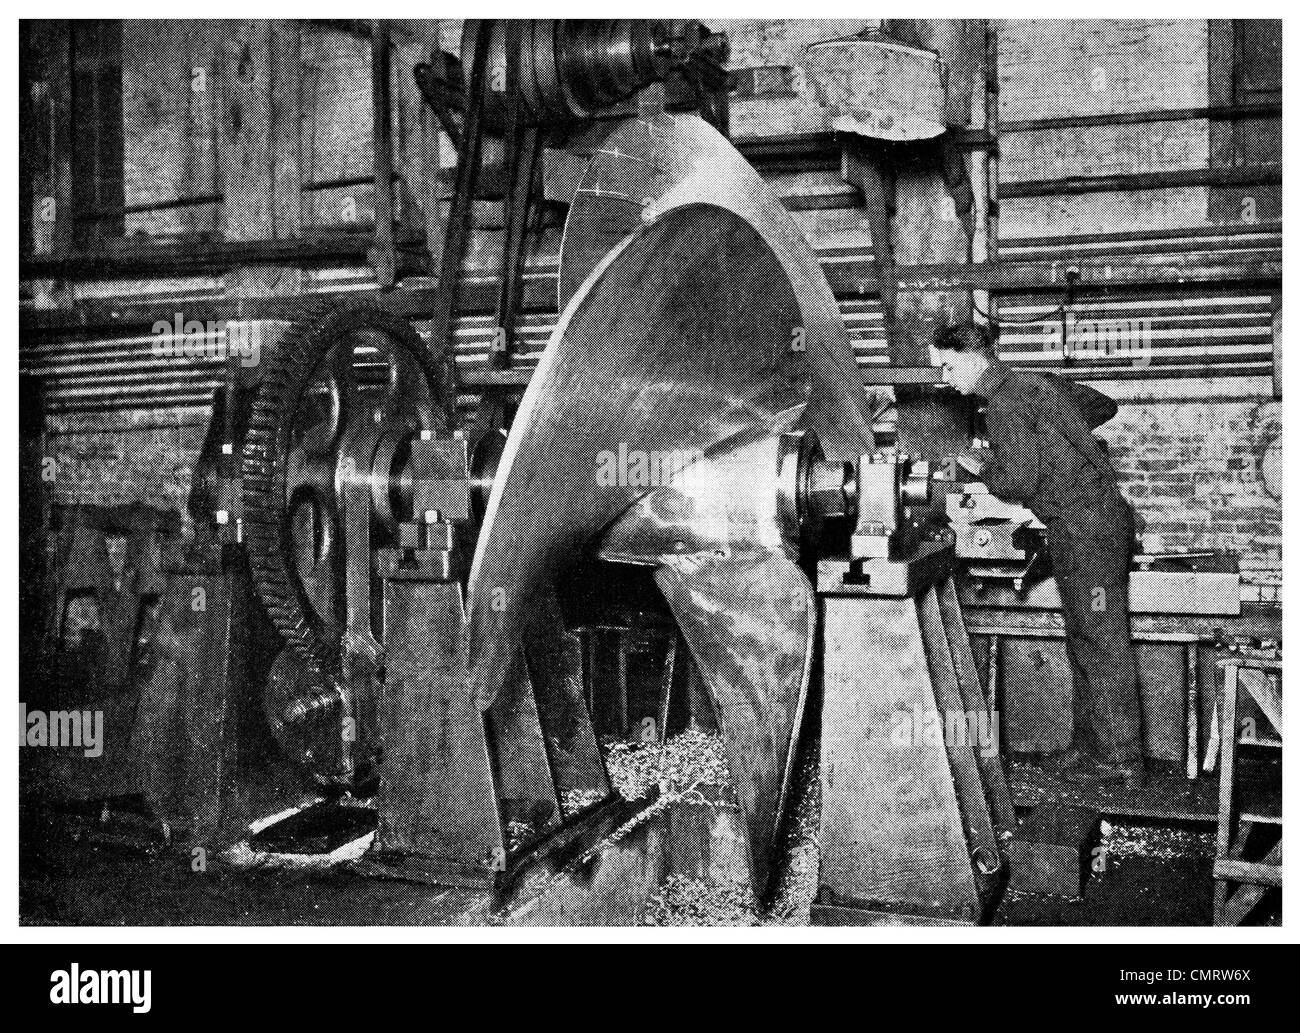 1918 Fabricación de la máquina propulsora del buque tienda Isla Hog Hog Island Philadelphia, Pennsylvania, Imagen De Stock